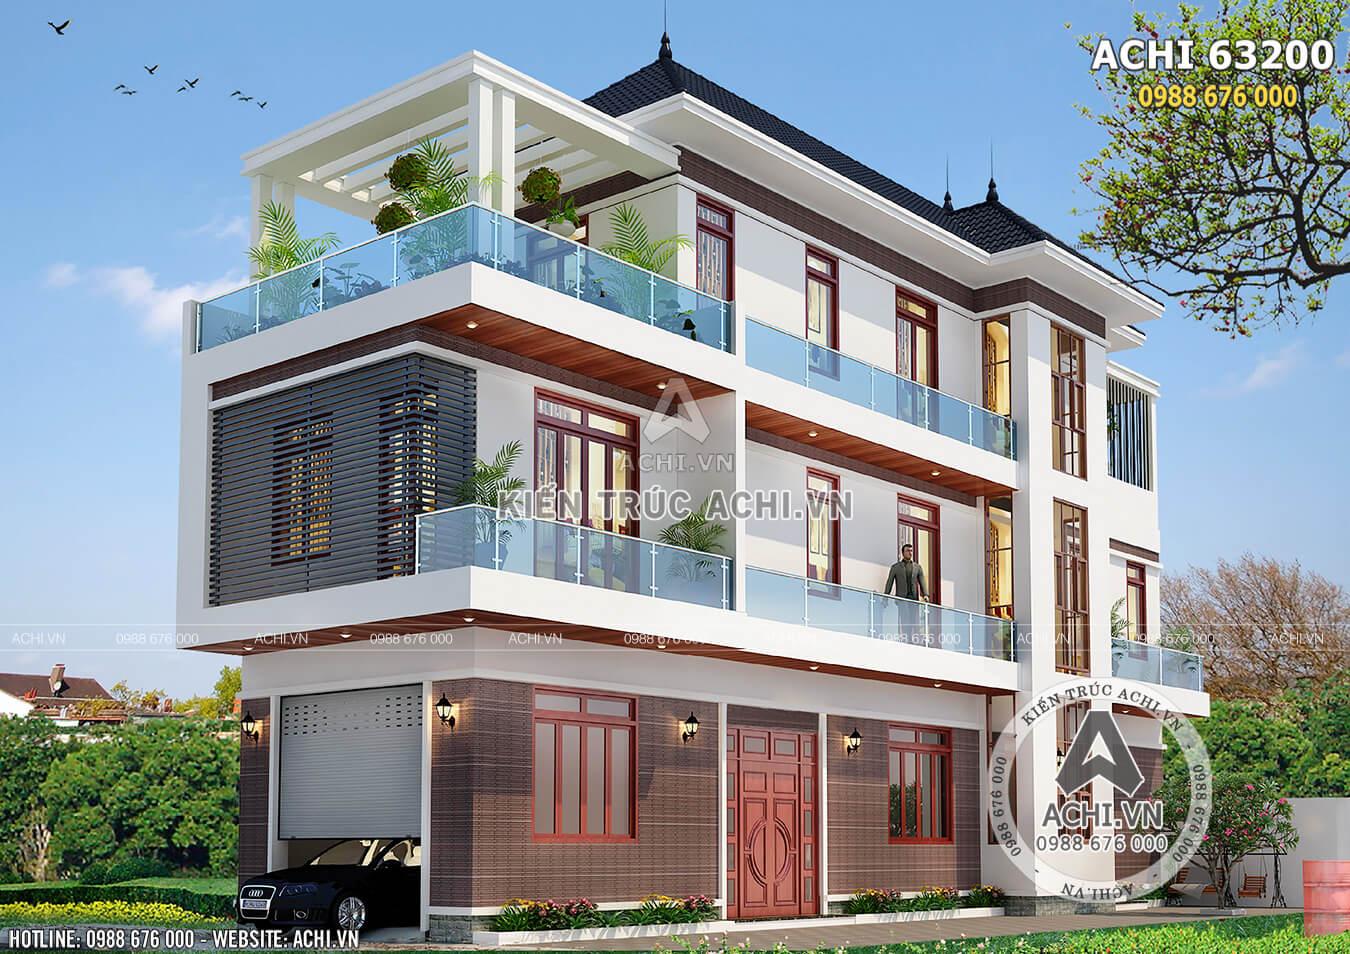 Mẫu thiết kế nhà 3 tầng hiện đại sang trọng – ACHI 63200